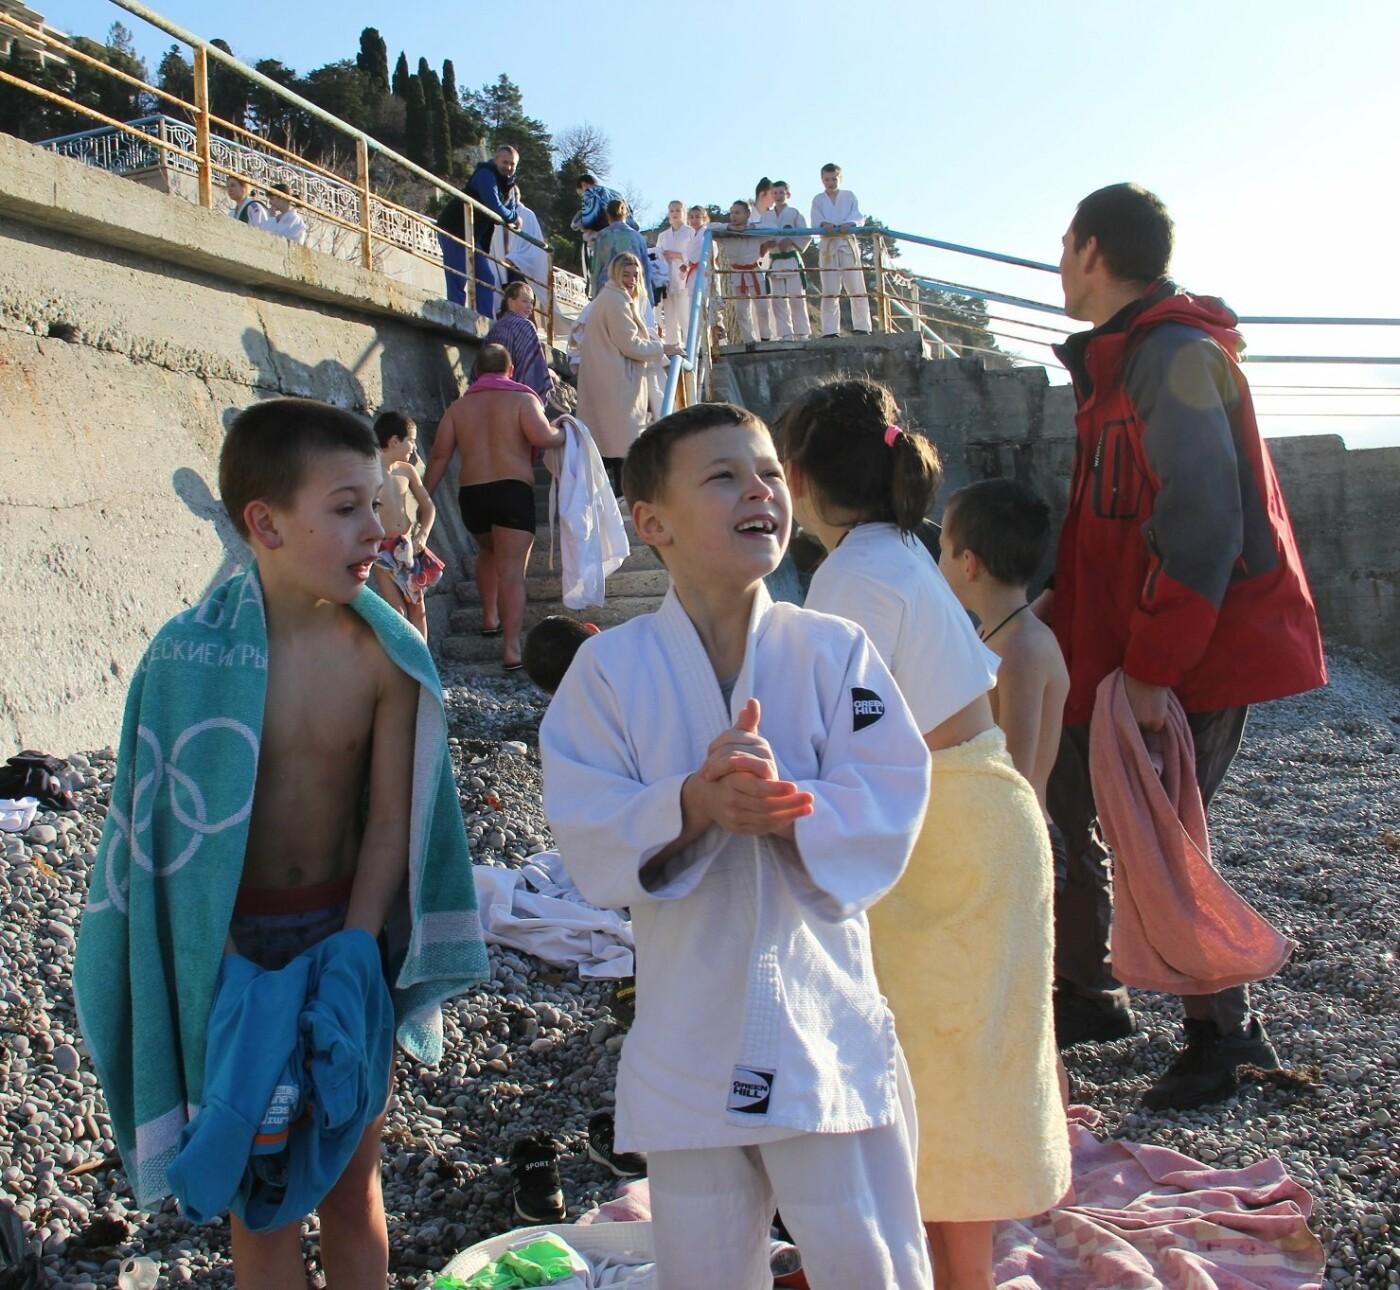 В Крещение юные дзюдоисты Ялты провели открытую тренировку и искупались в море, фото-2